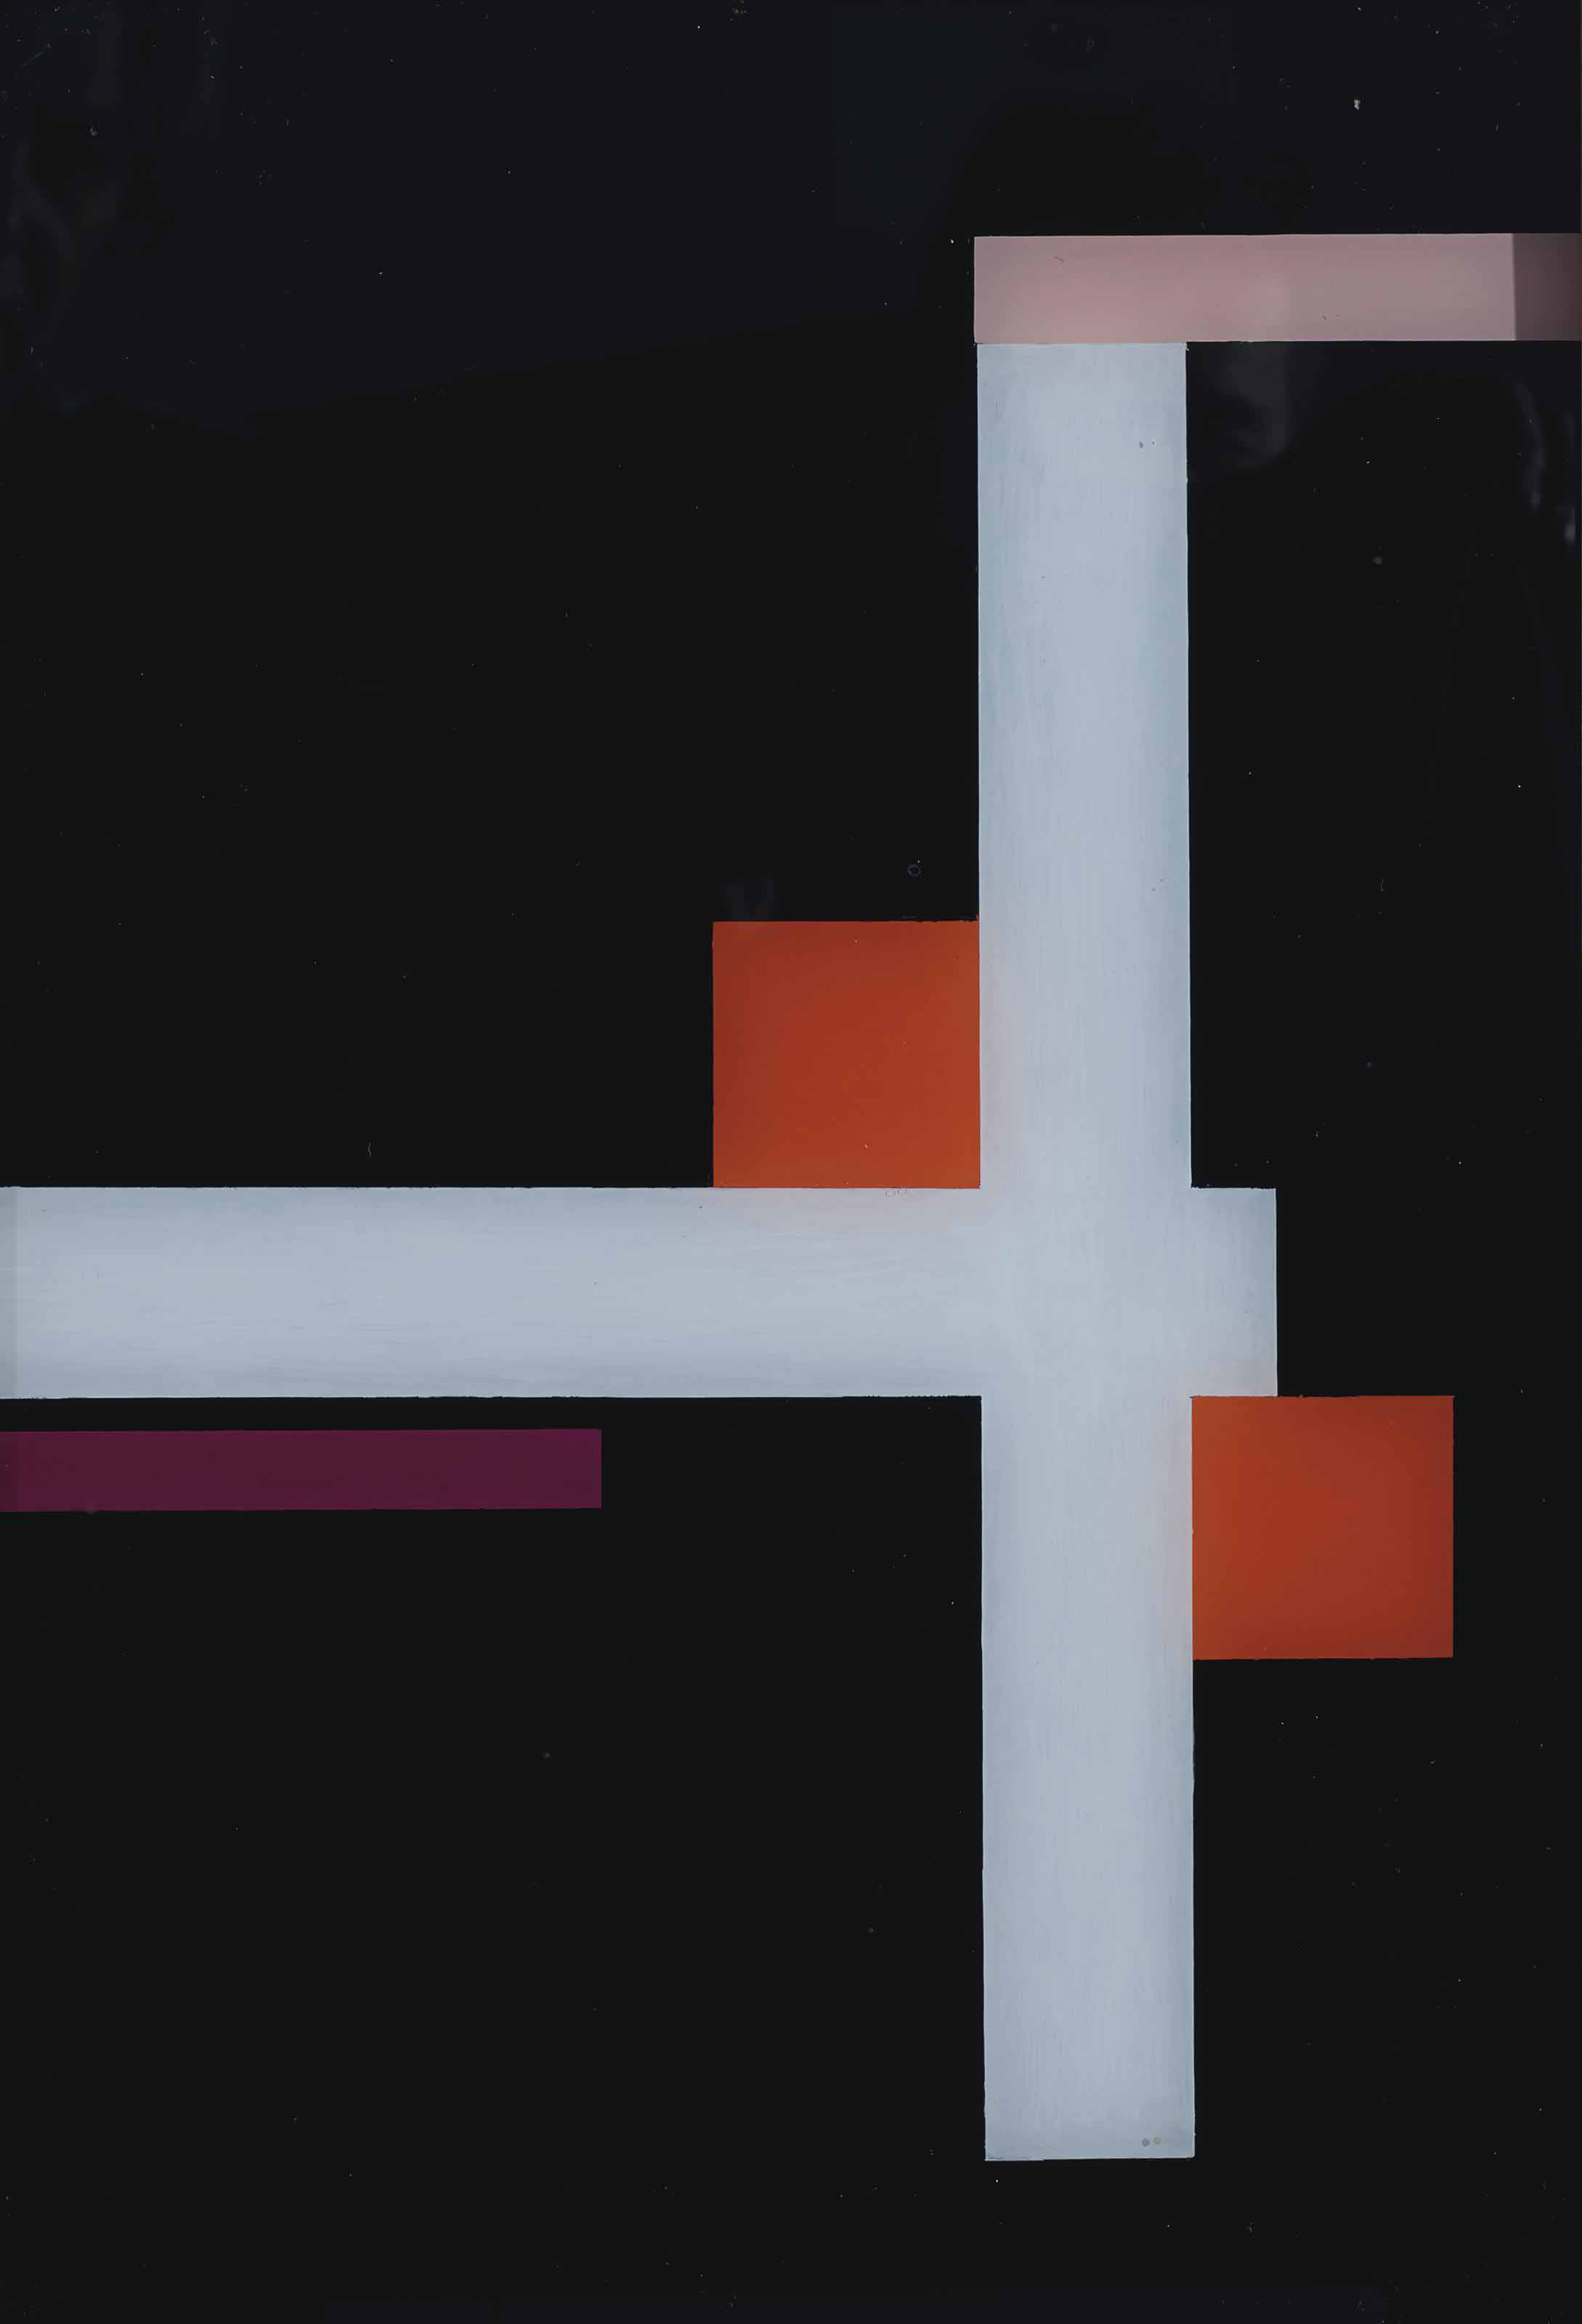 Figuration in weiß mit zwei roten Quadraten